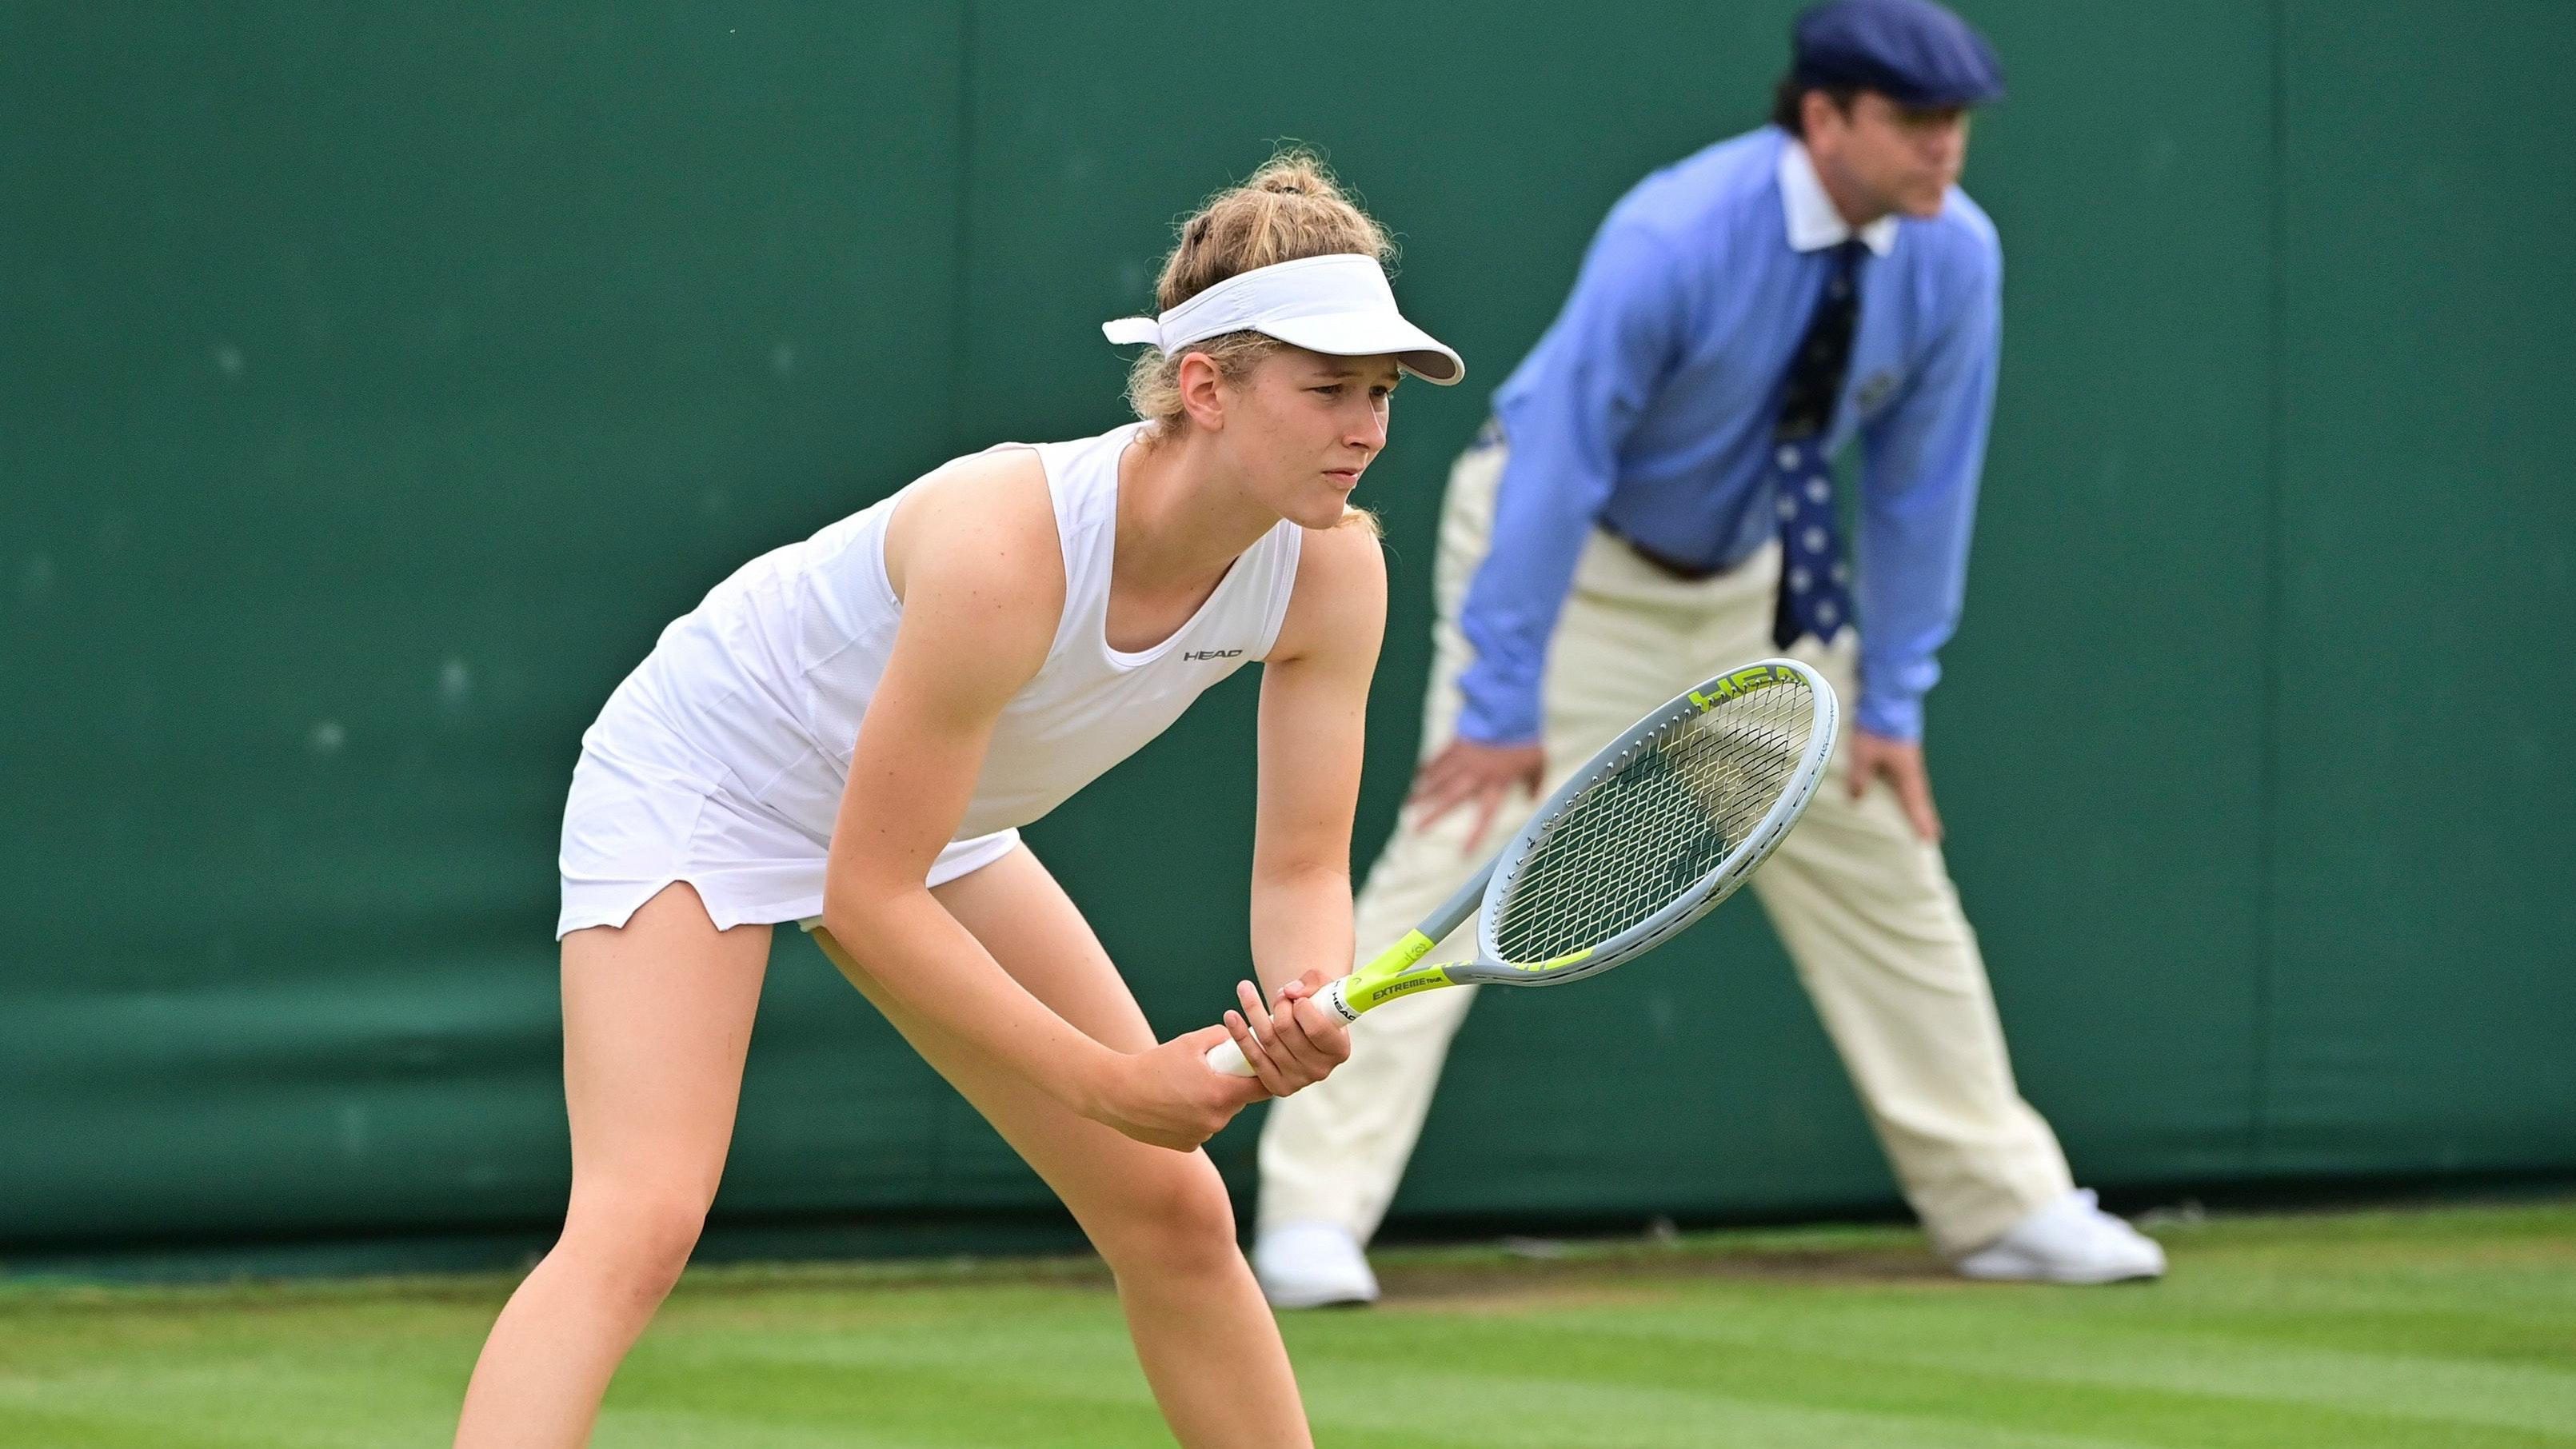 Warten auf den Aufschlag: Julia Middendorf in Wimbledon. Foto: Jürgen Hasenkopf